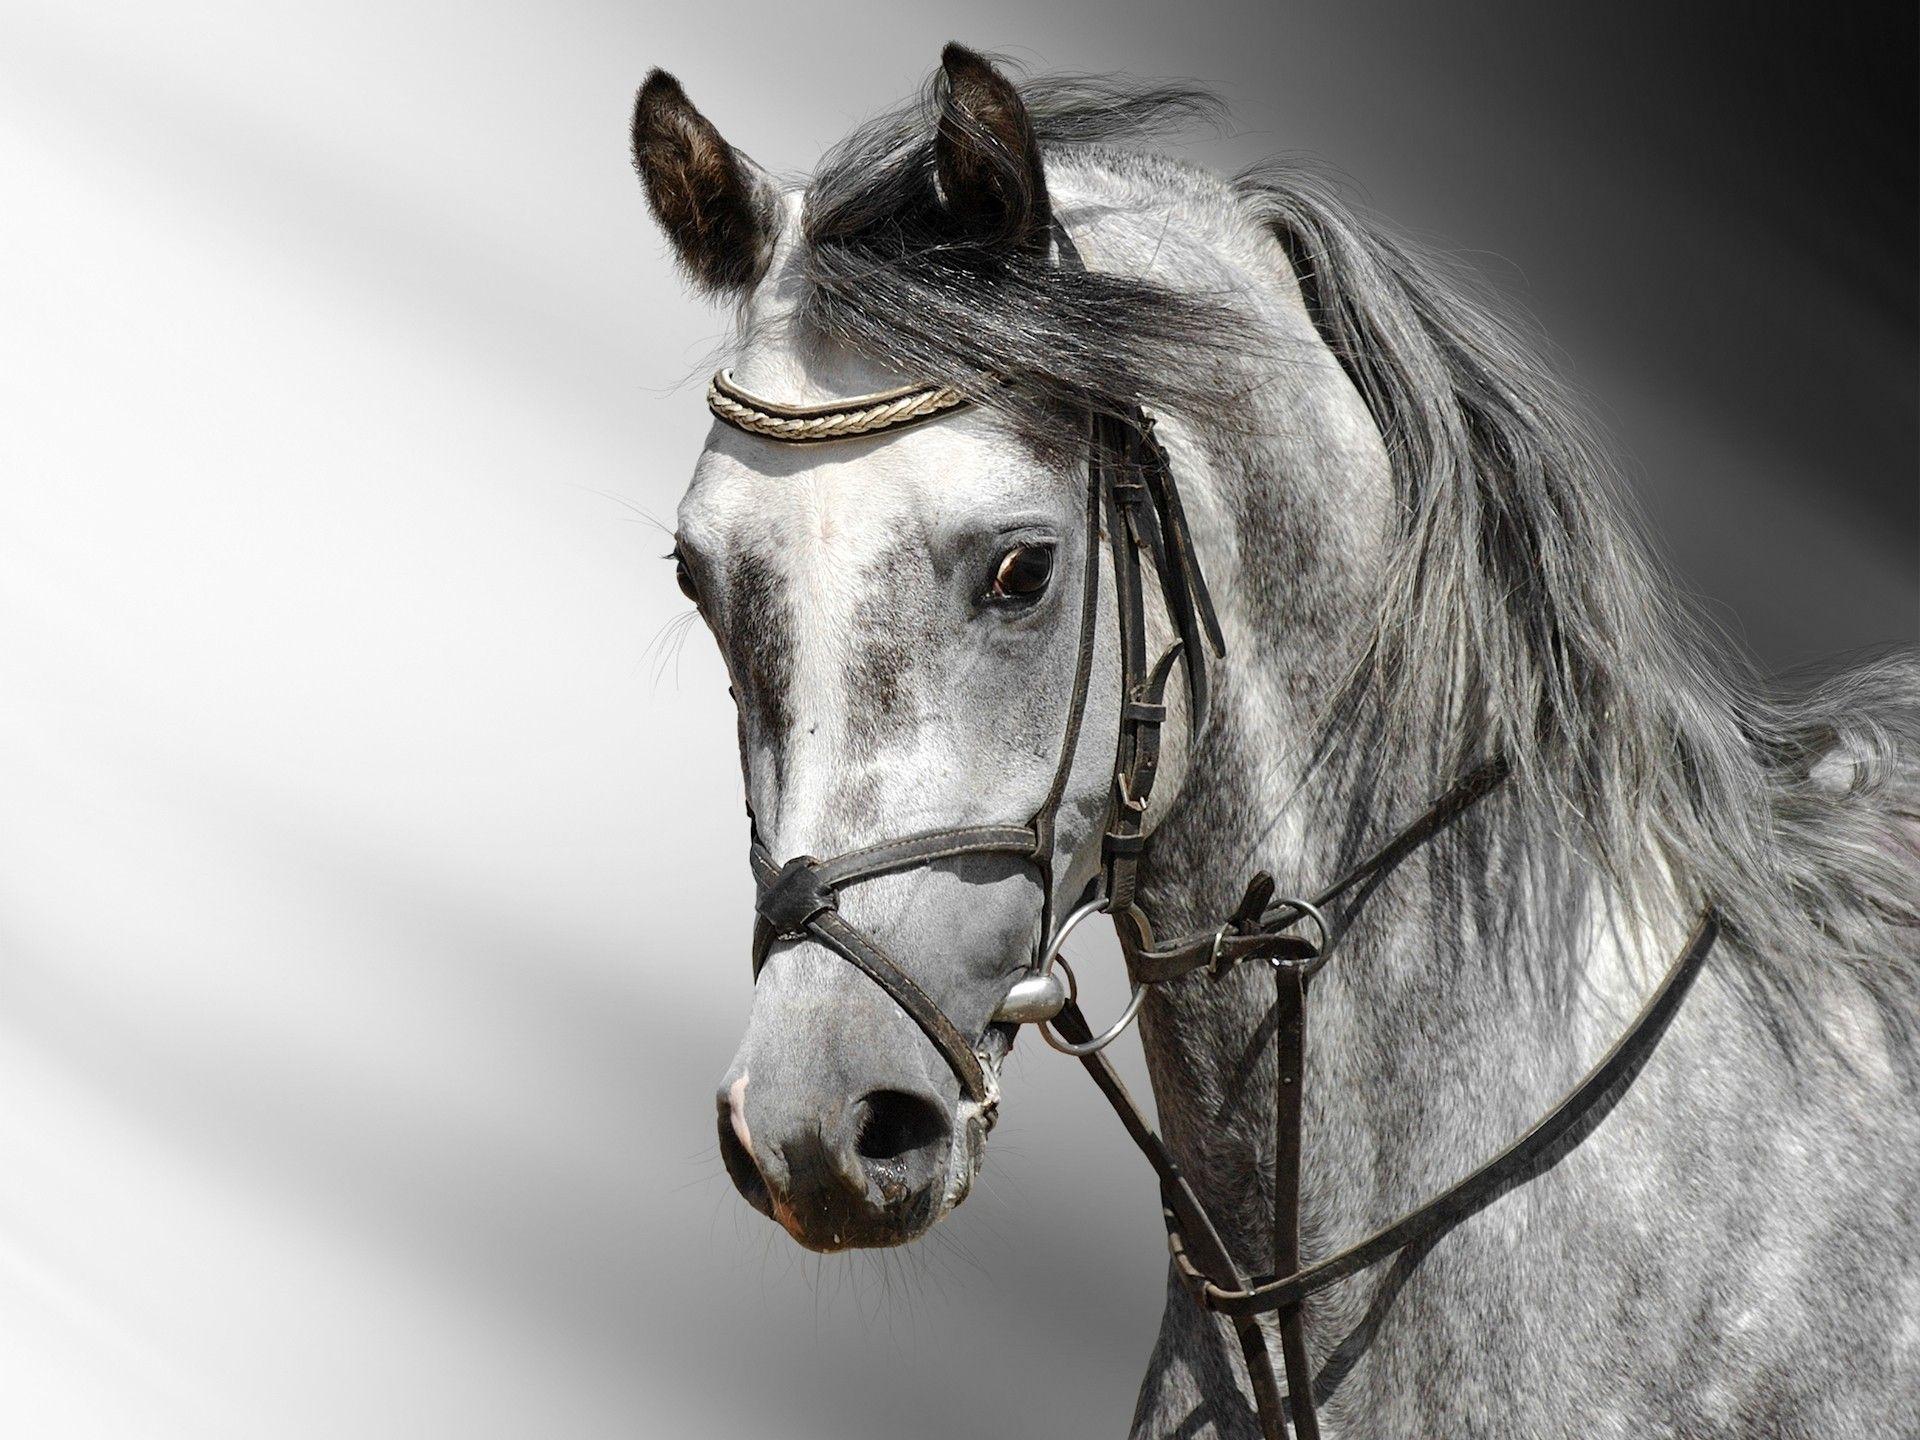 Лошади обязательно припомнят, в каком настроении с ними общались в прошлый раз...